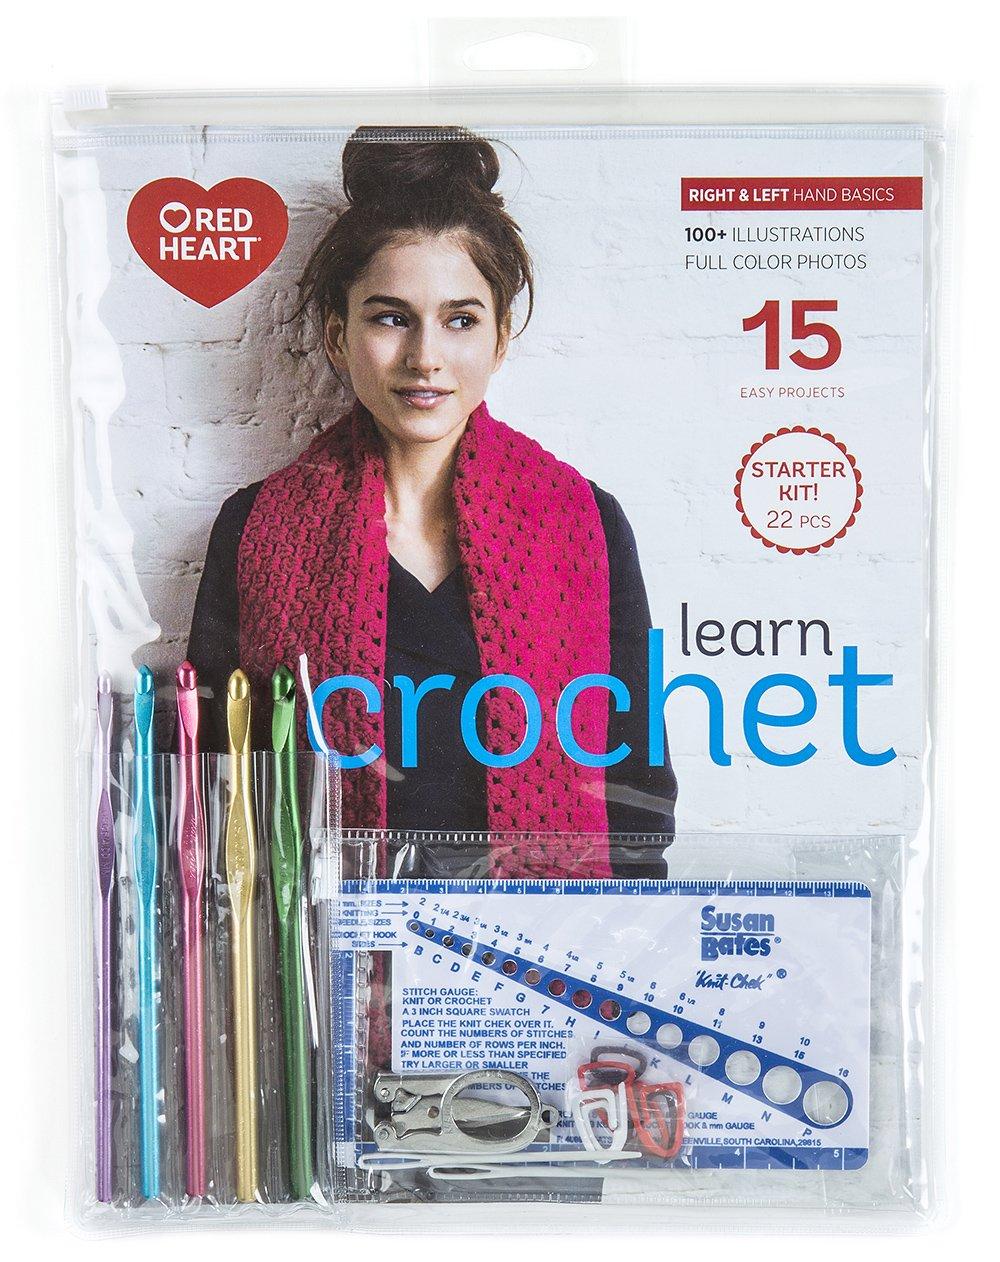 Learning K17370.001 Crochet Teacher Kit Coats & Clark